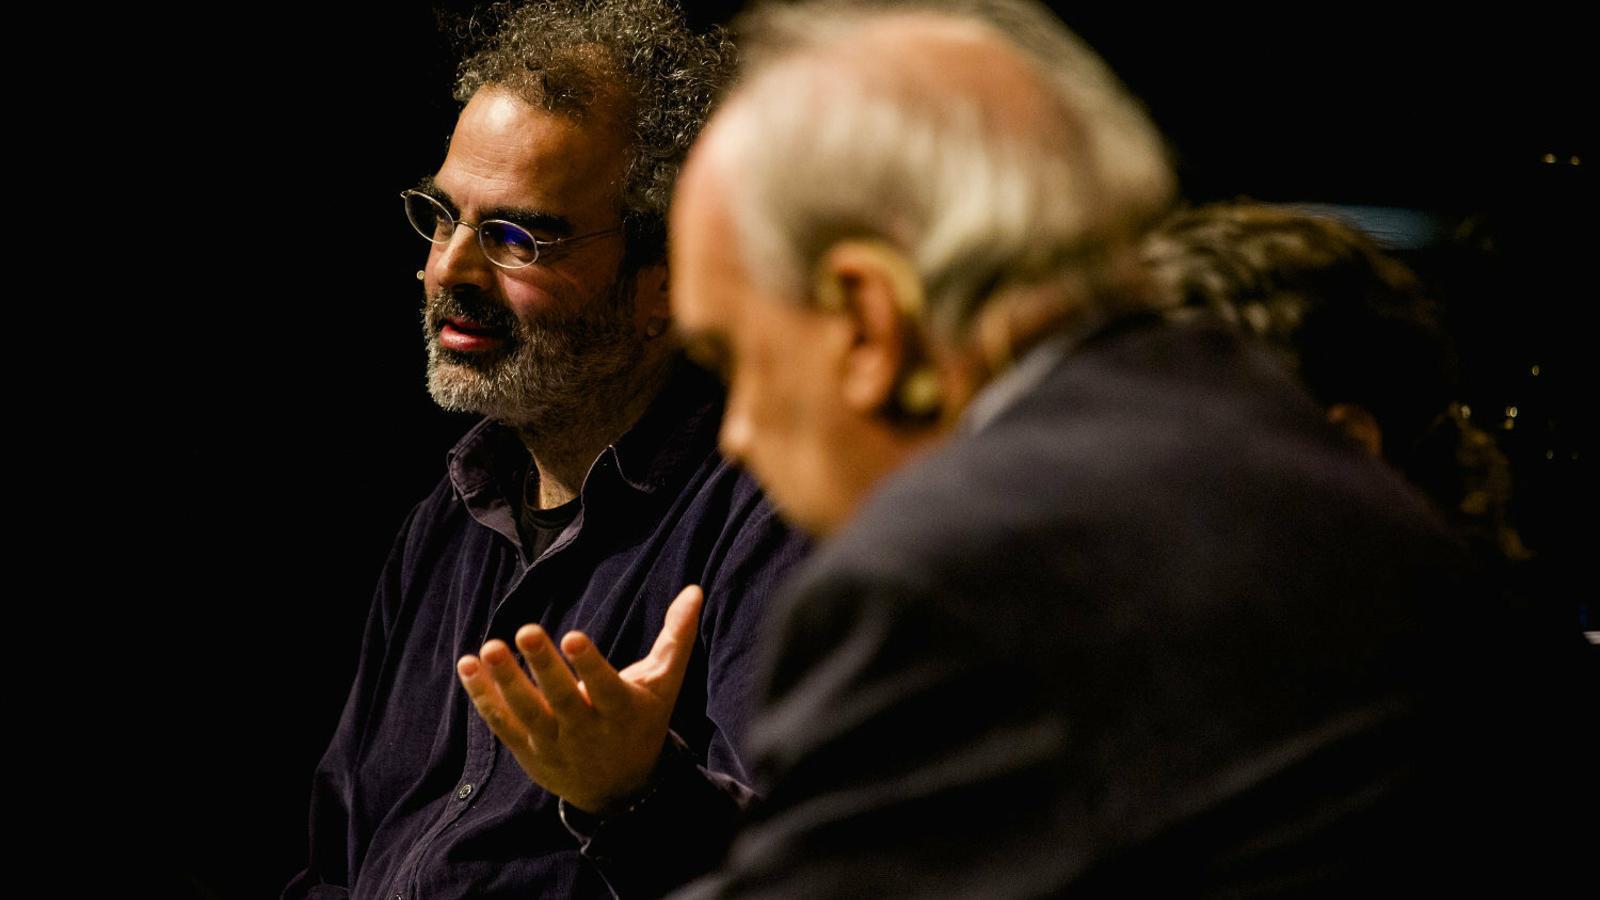 Vila-Matas i Tavares elogien la complexitat literària amb sentit de l'humor al Kosmopolis